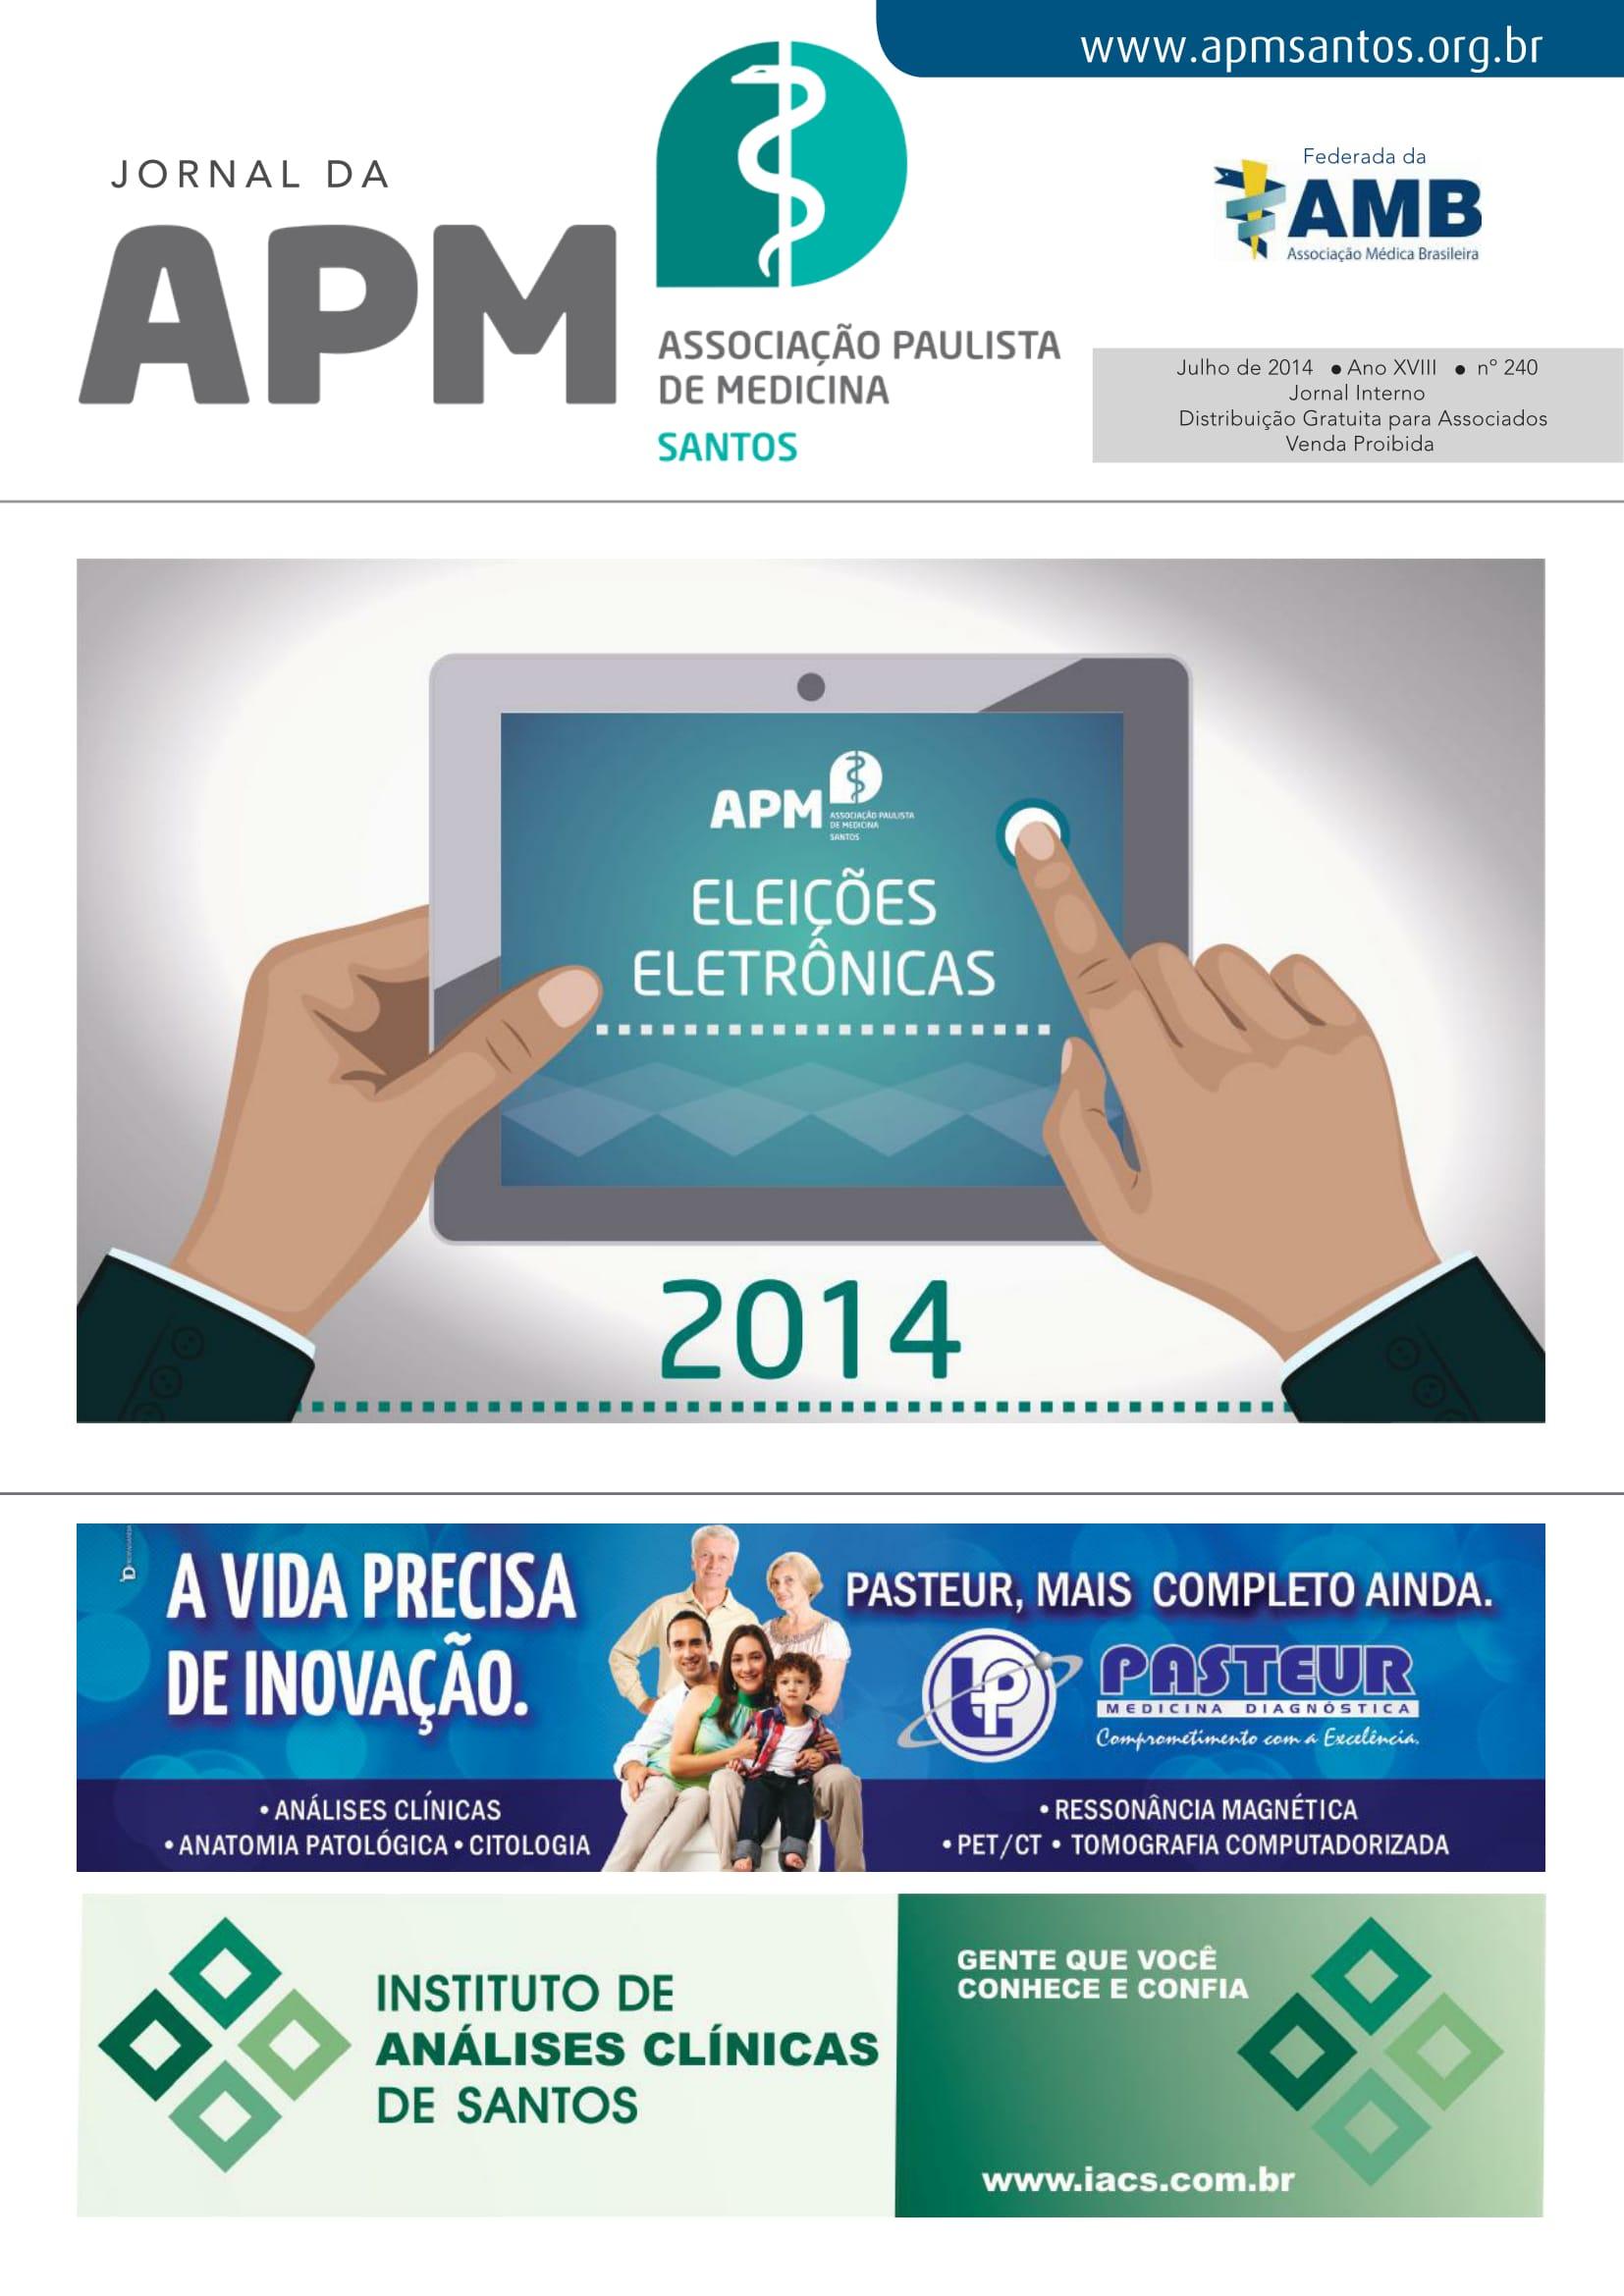 nº 240 Julho 2014